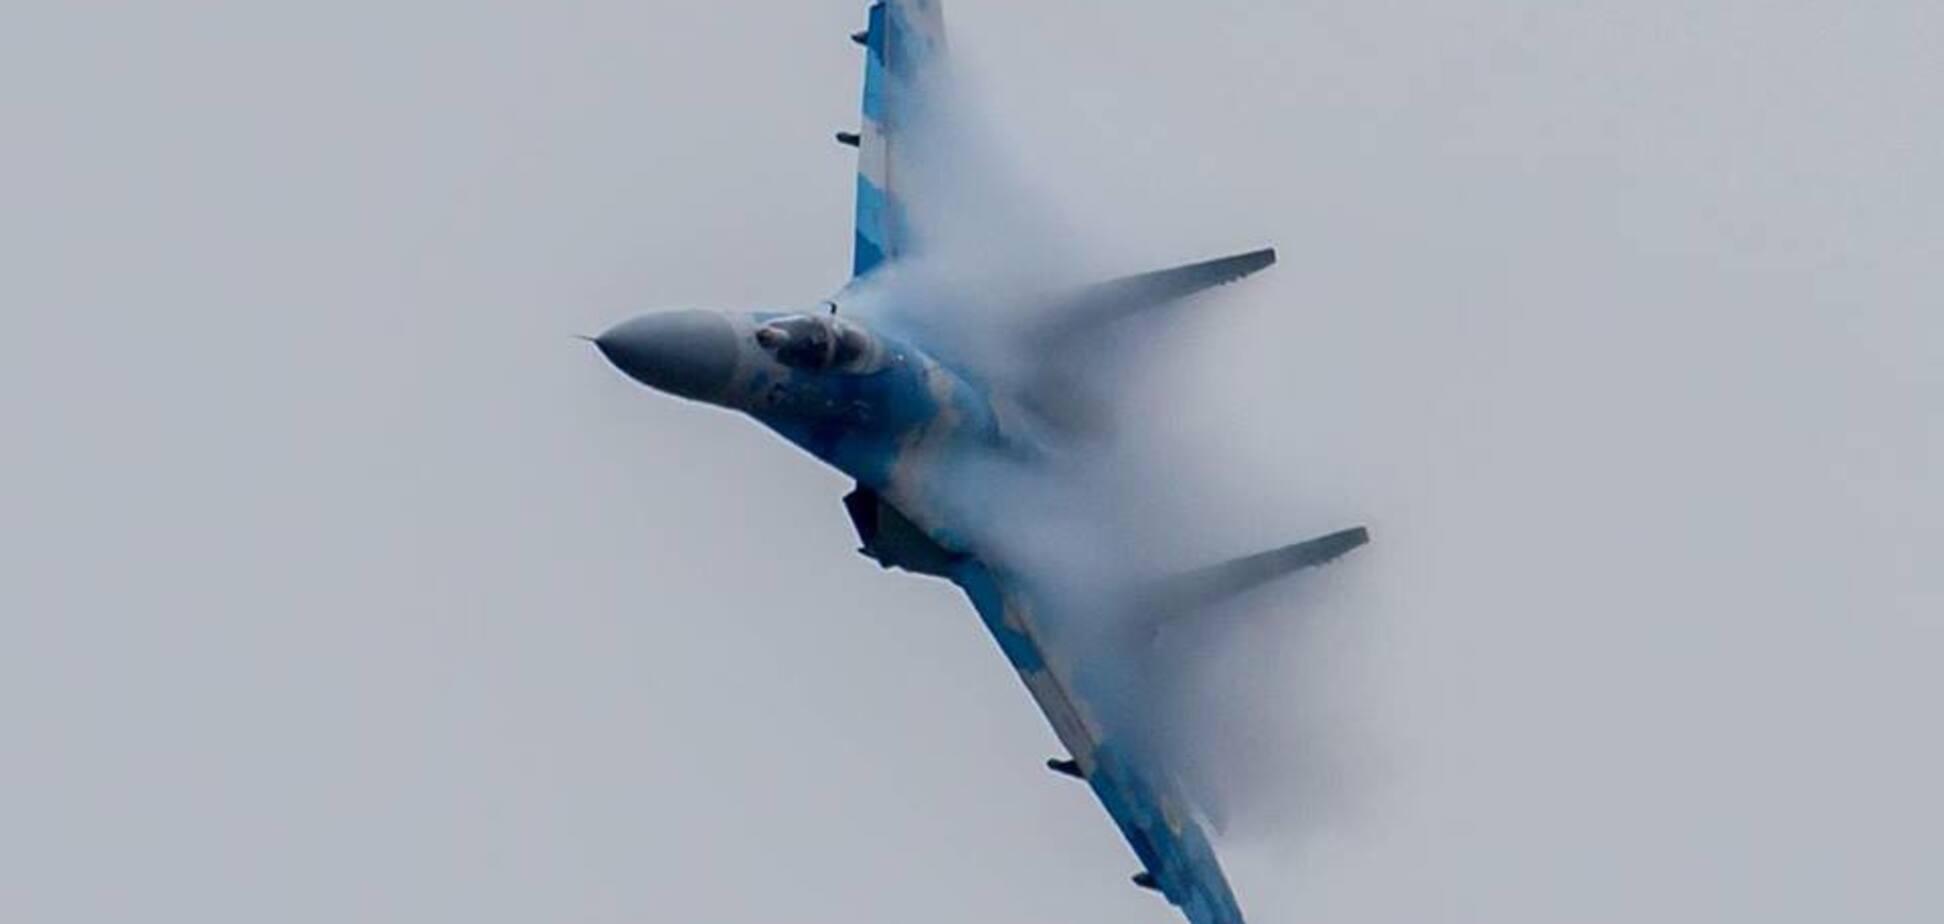 Падіння Су-27 під Житомиром: з'явилися фото з місця смертельної трагедії